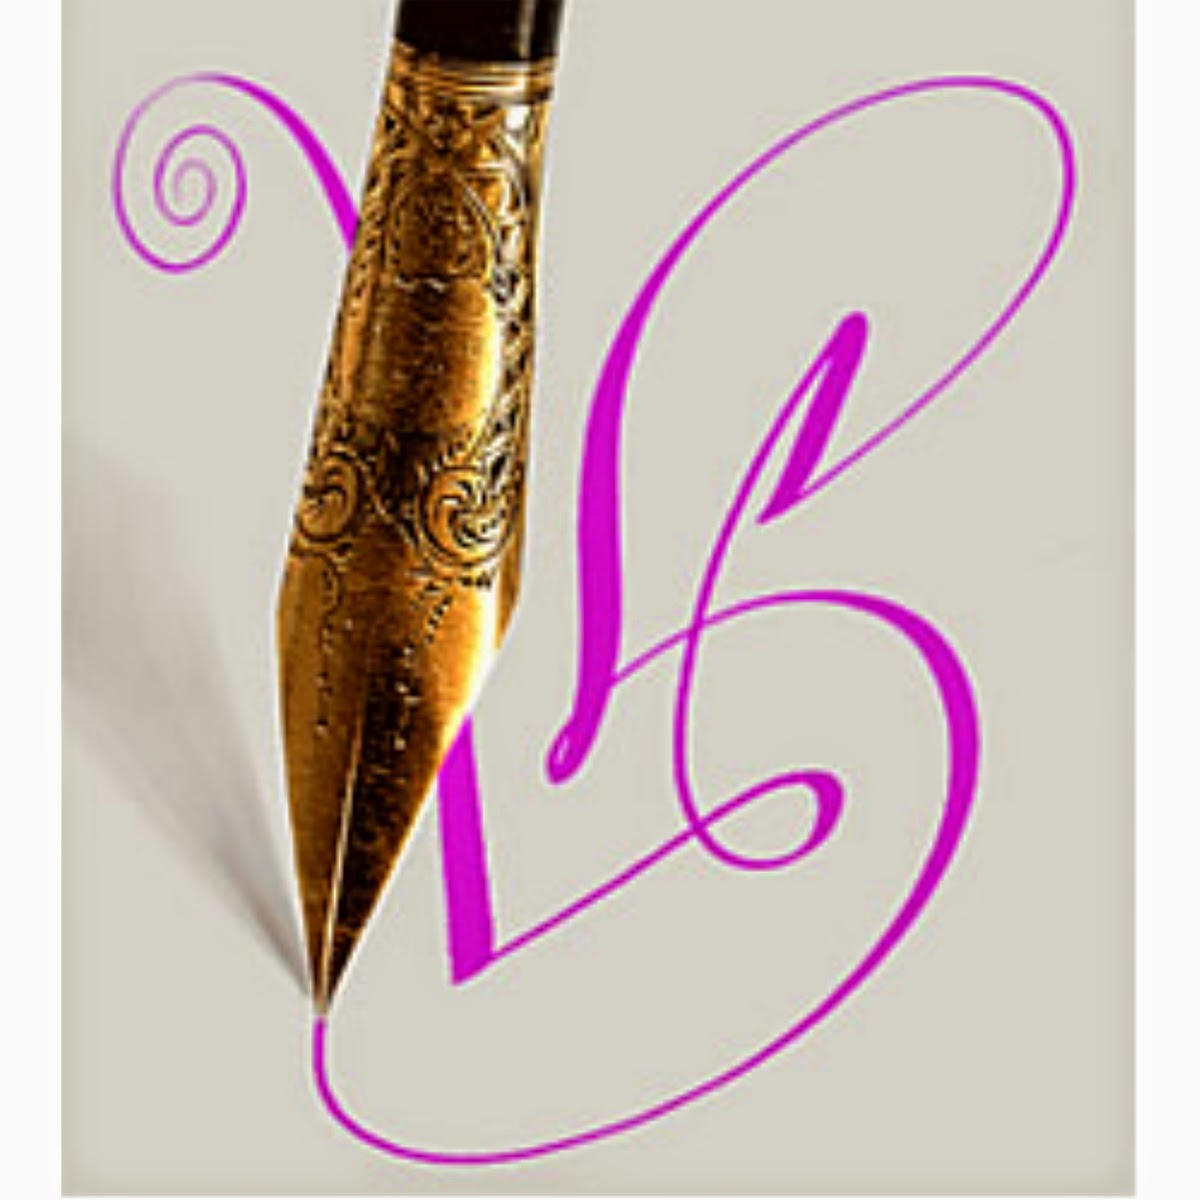 Personalização de Arte Design de Caligrafia Artística Profissional